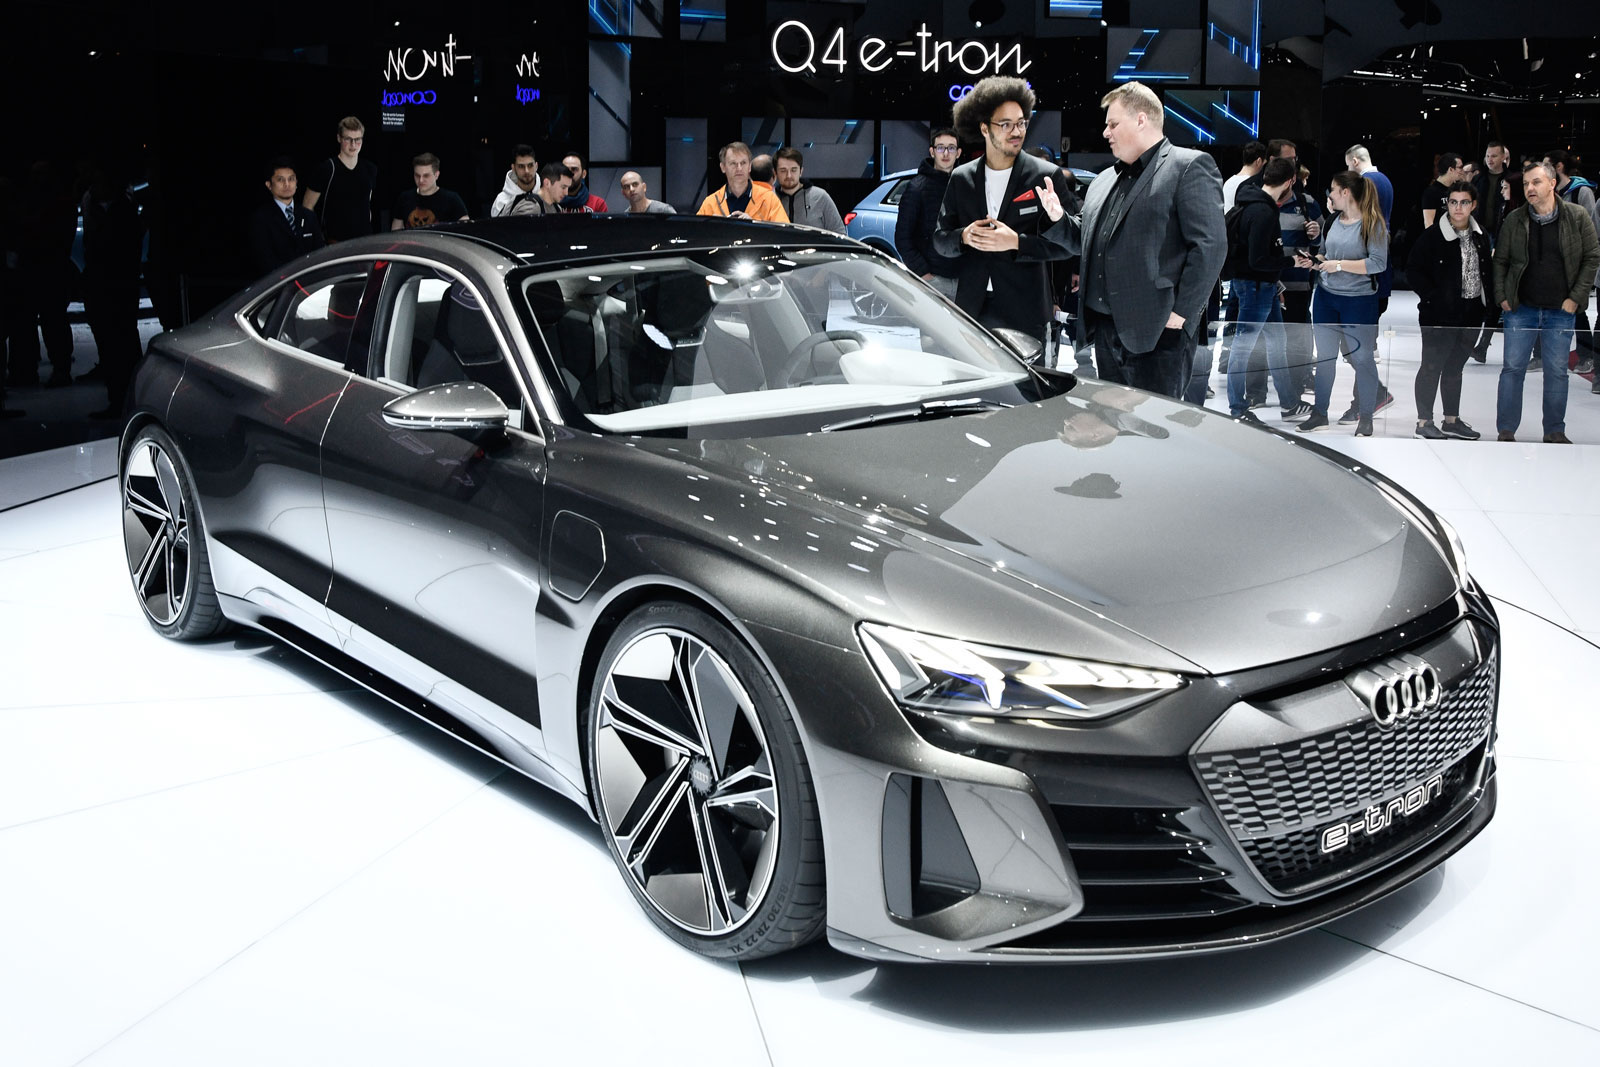 Lars Thomsen lässt sich am Autosalon in Genf den Audi e-tron GT Concept erklären.